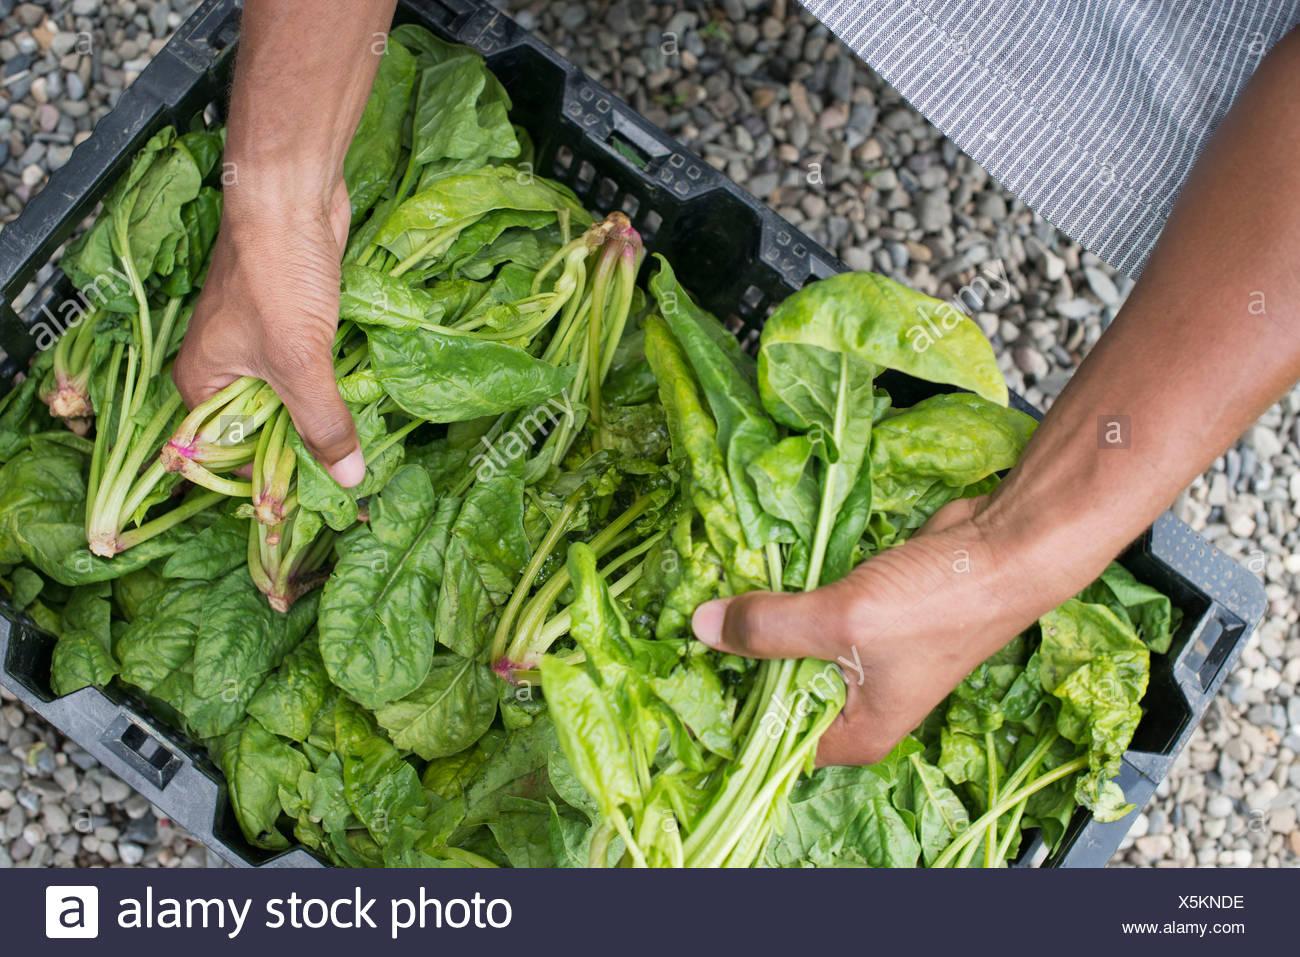 L'agriculture biologique. Un homme vert feuille d'emballage de légumes. Photo Stock